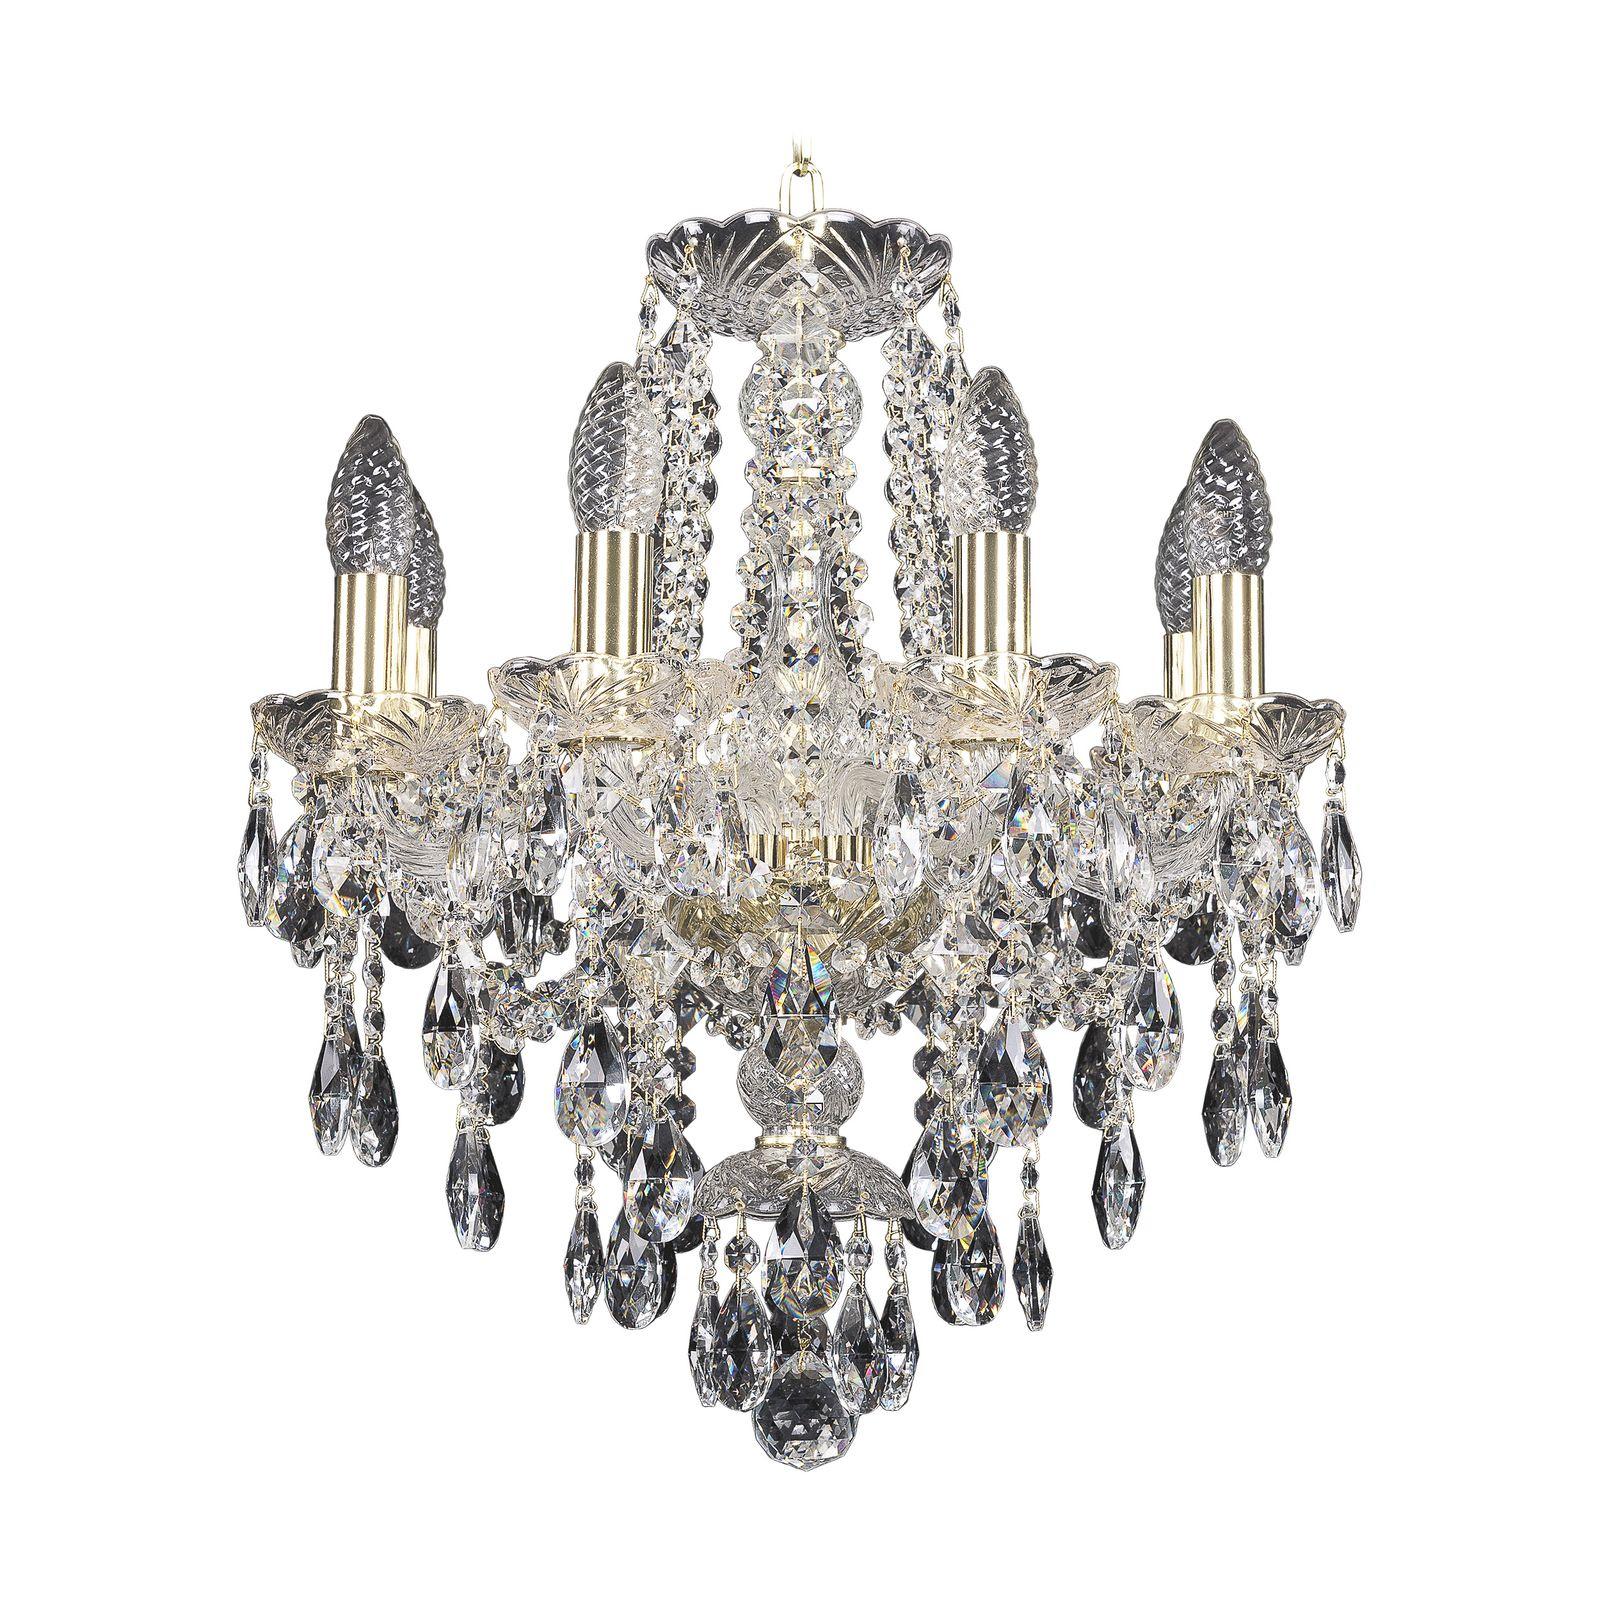 Потолочный светильник Bohemia Ivele Crystal 1415/6/200 G, E14, 40 Вт все цены